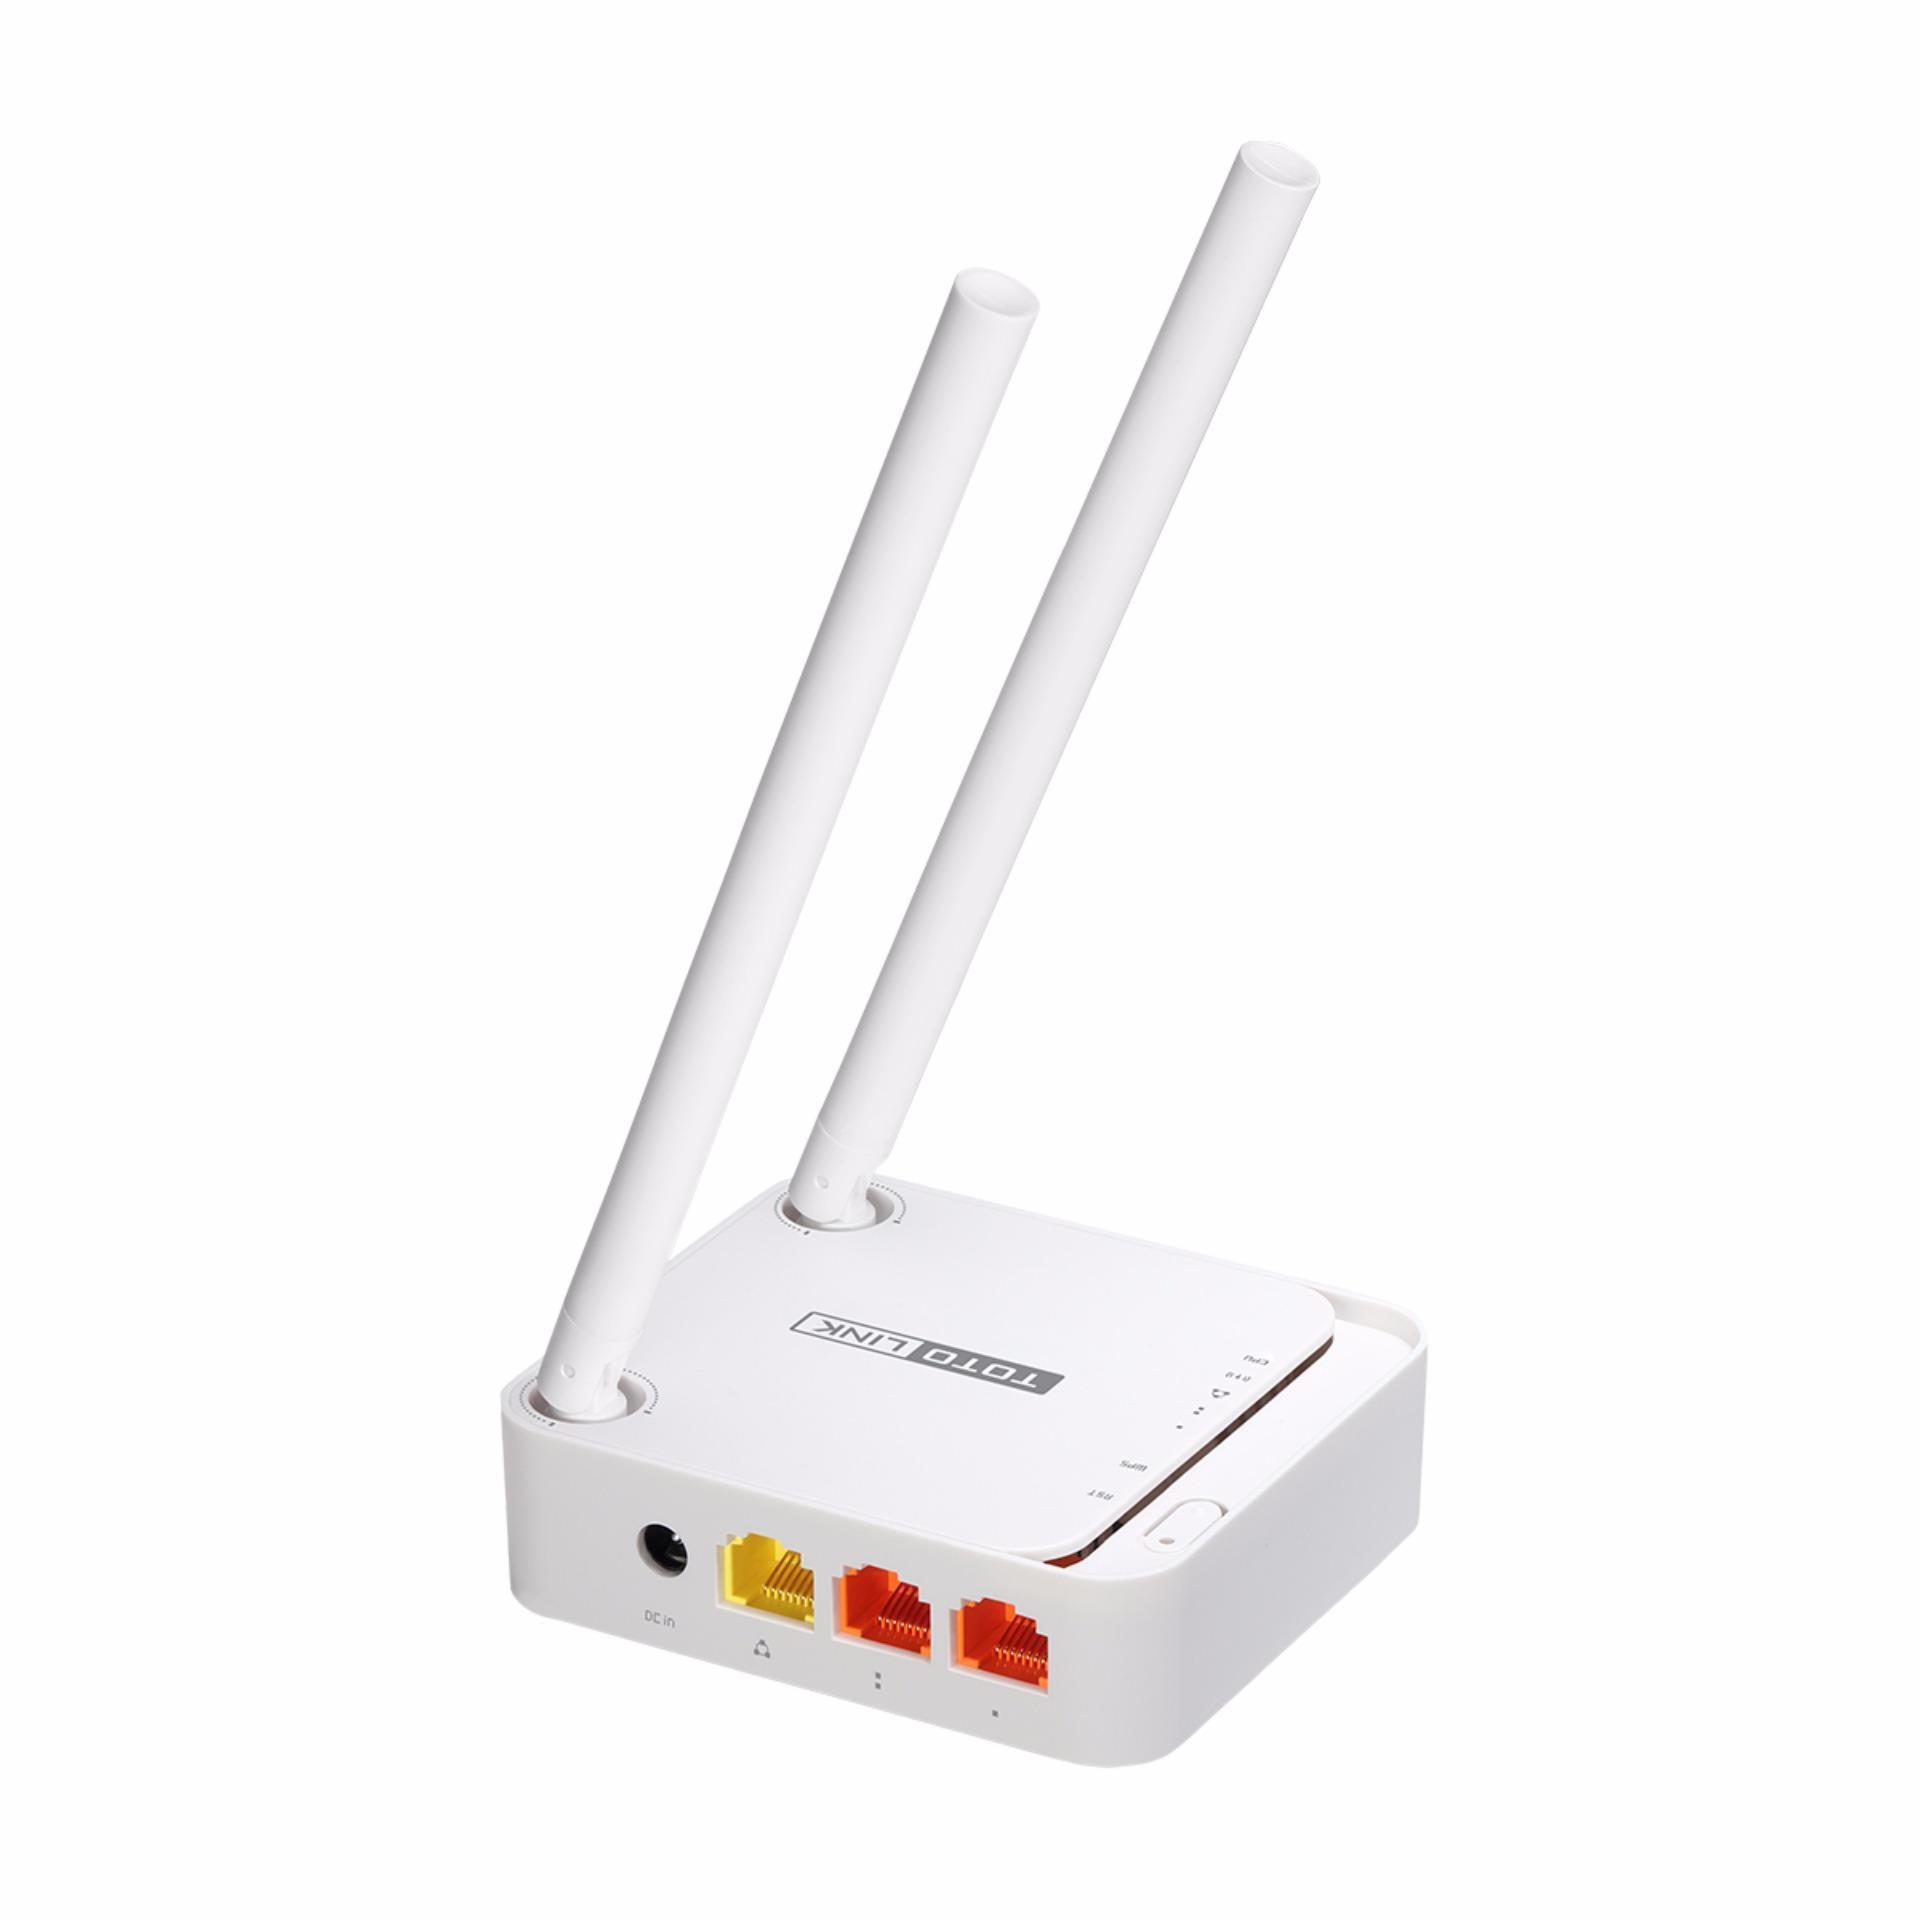 Bộ phát Wifi 2 râu 300Mbps TOTOLINK N200RE-Mini